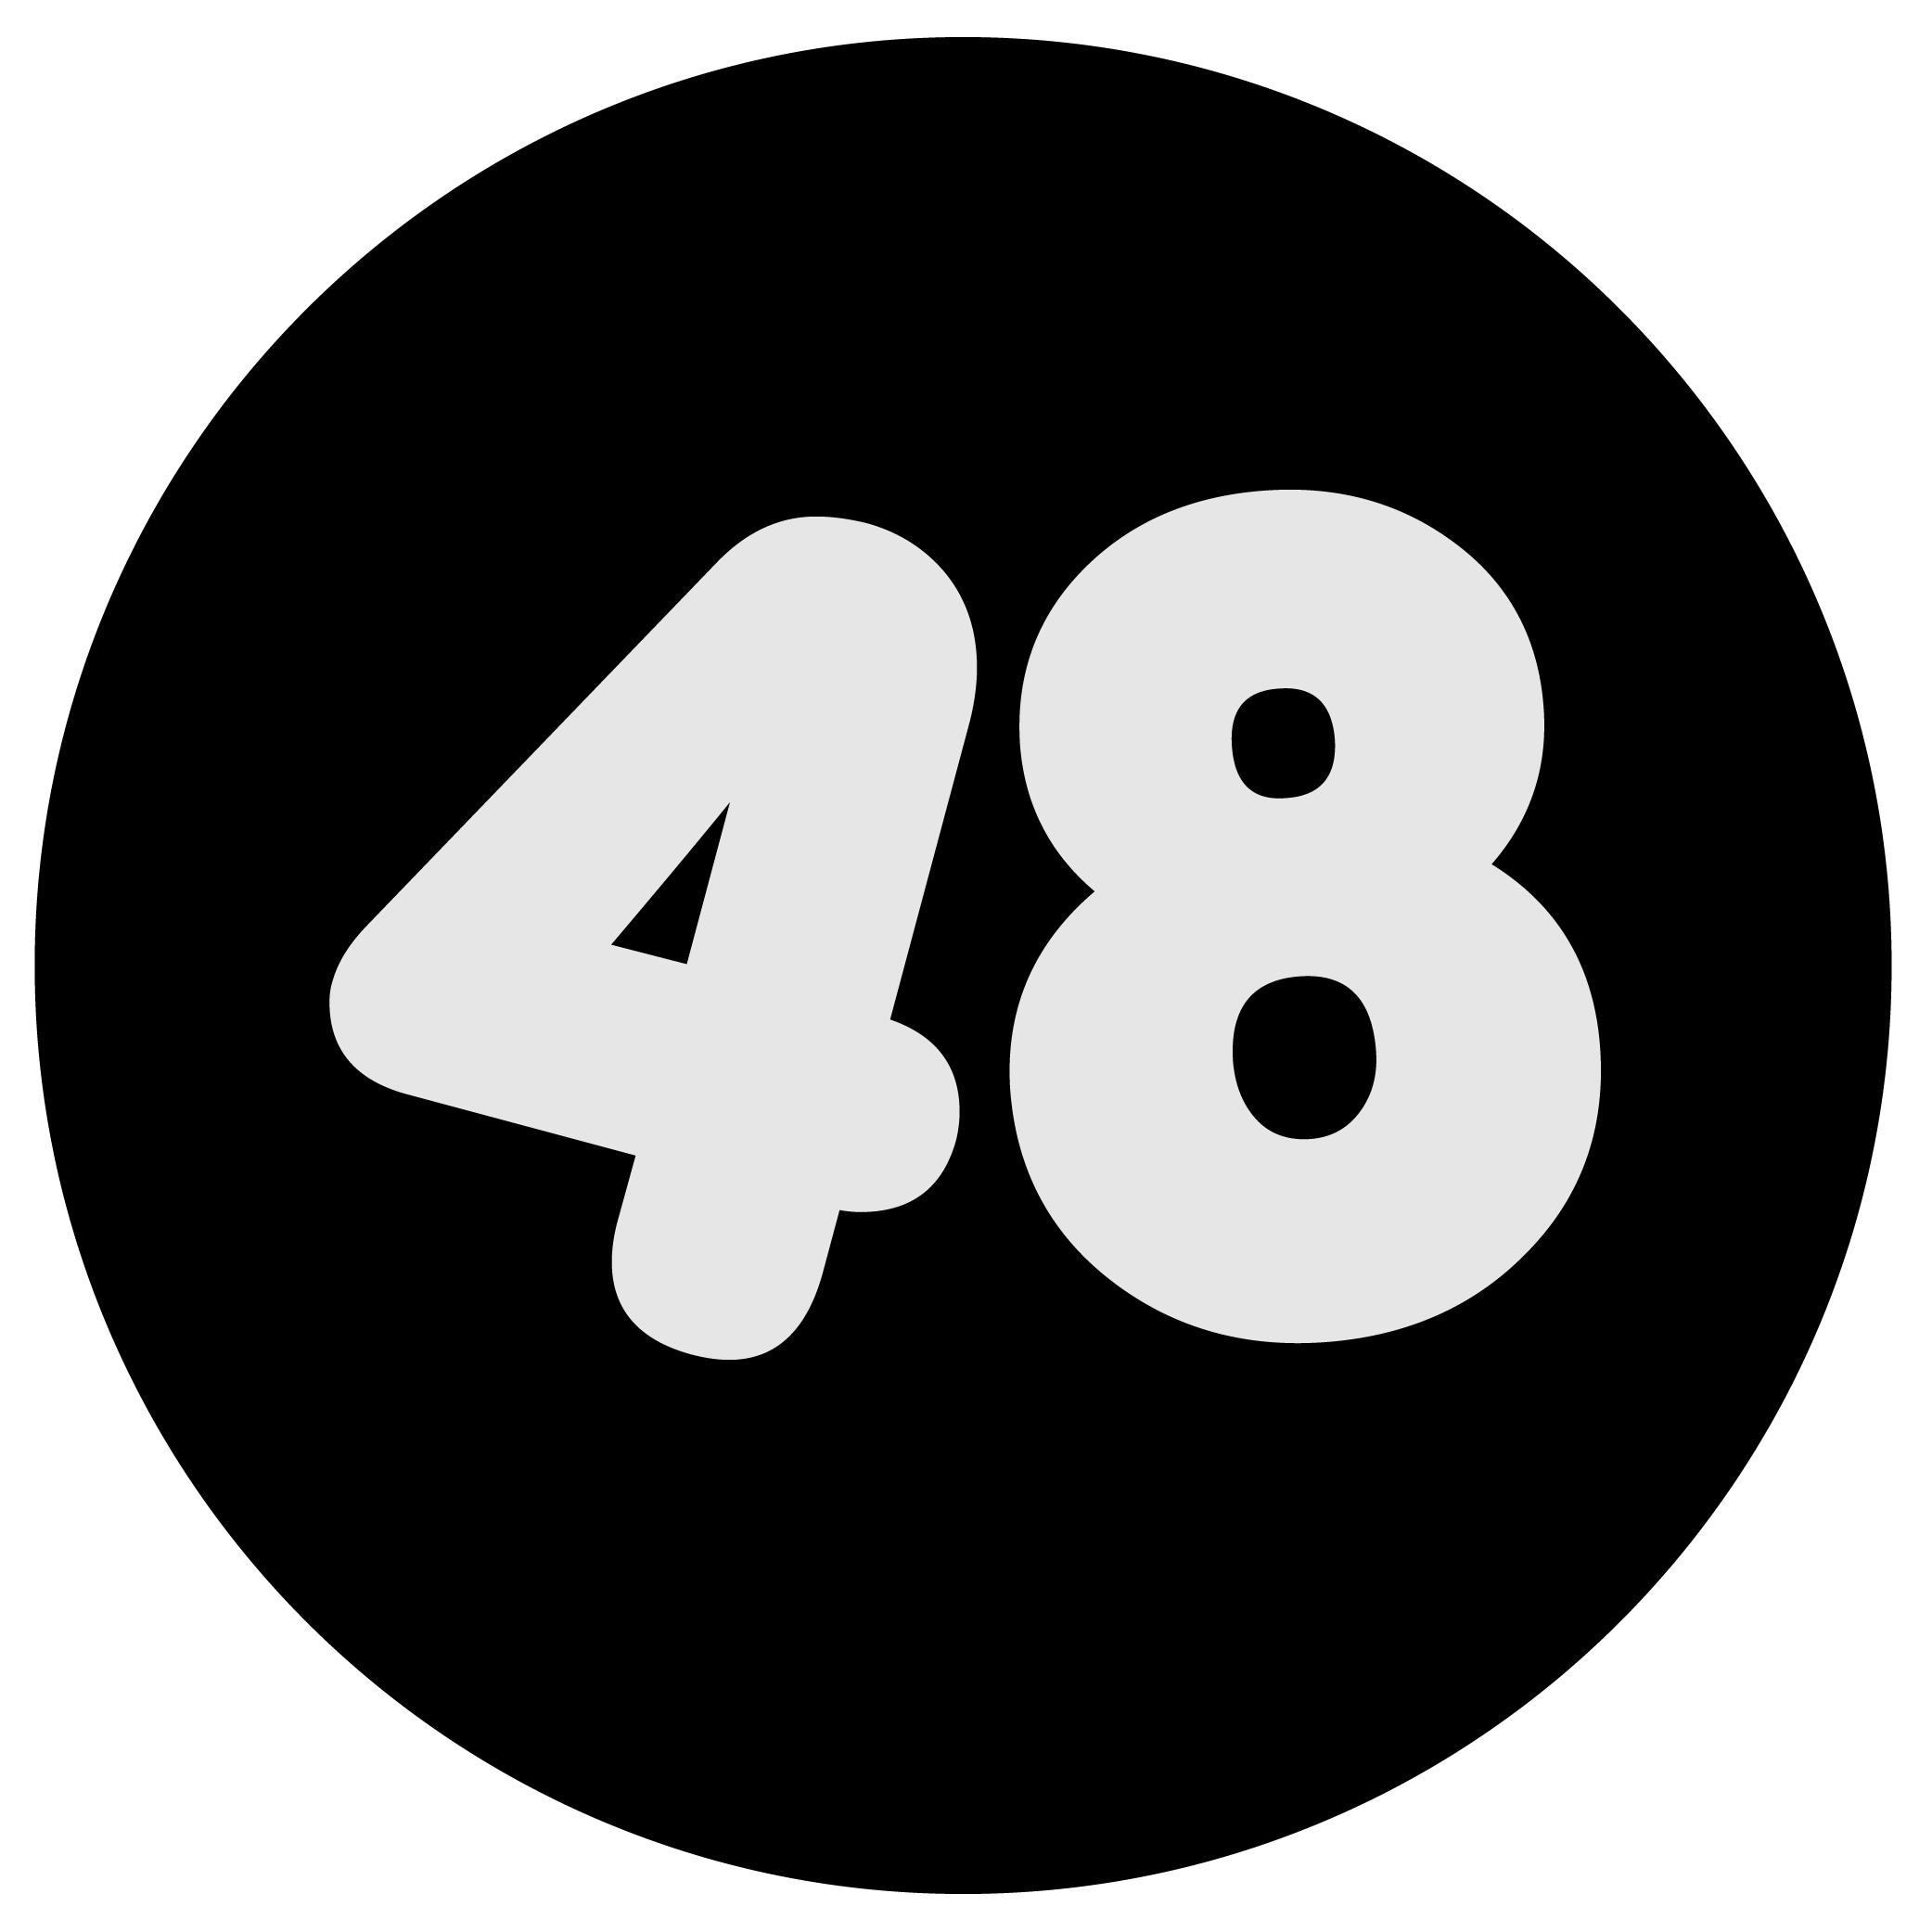 circles-37.png